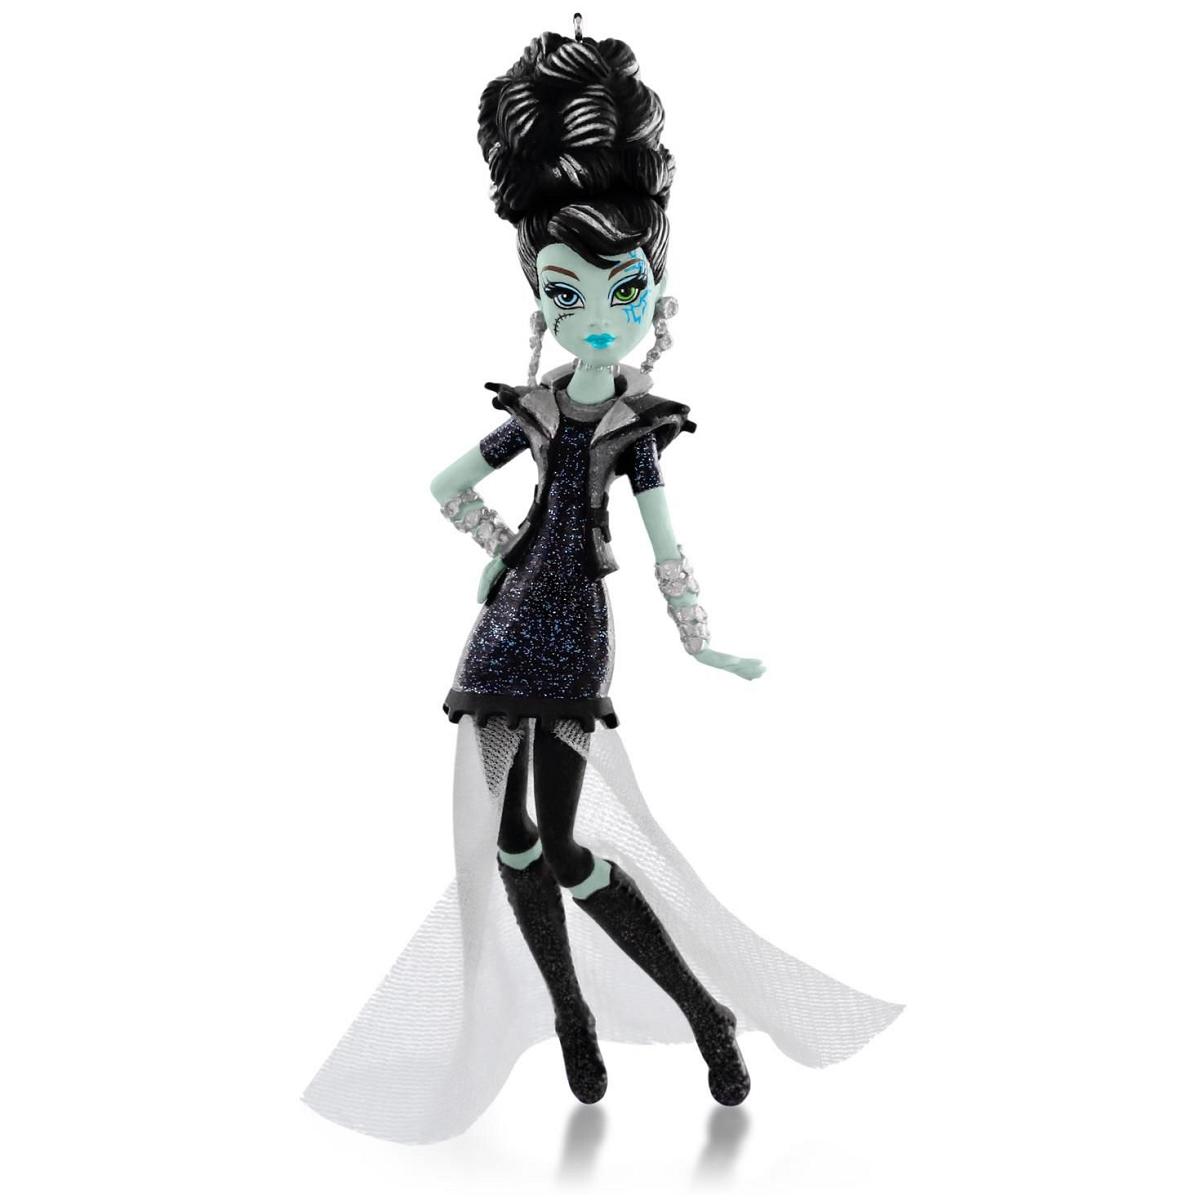 2015 Frankie Stein Monster High Hallmark Keepsake Ornament